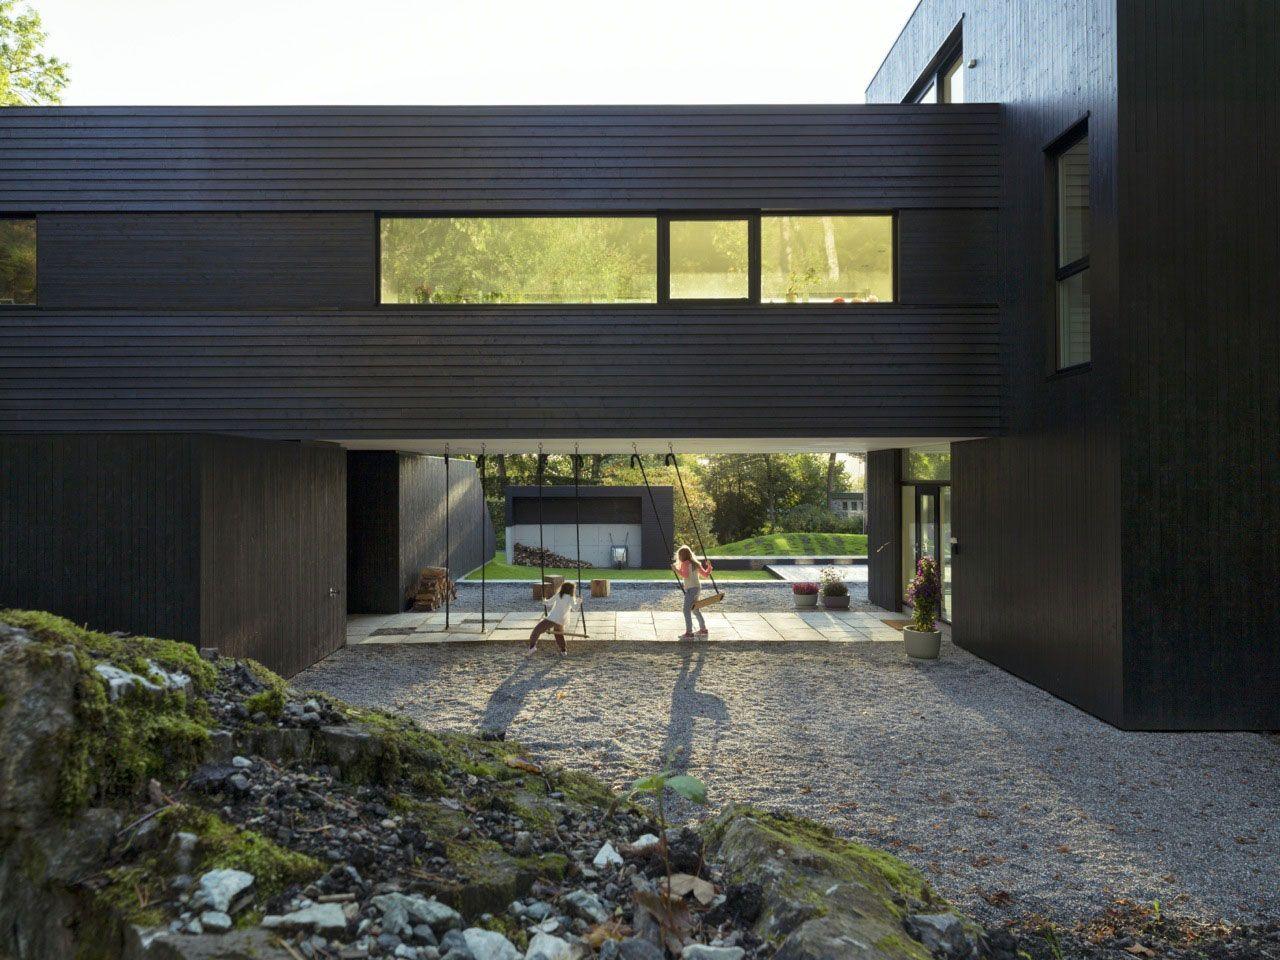 Villa-S-Saunders-Architecture-03